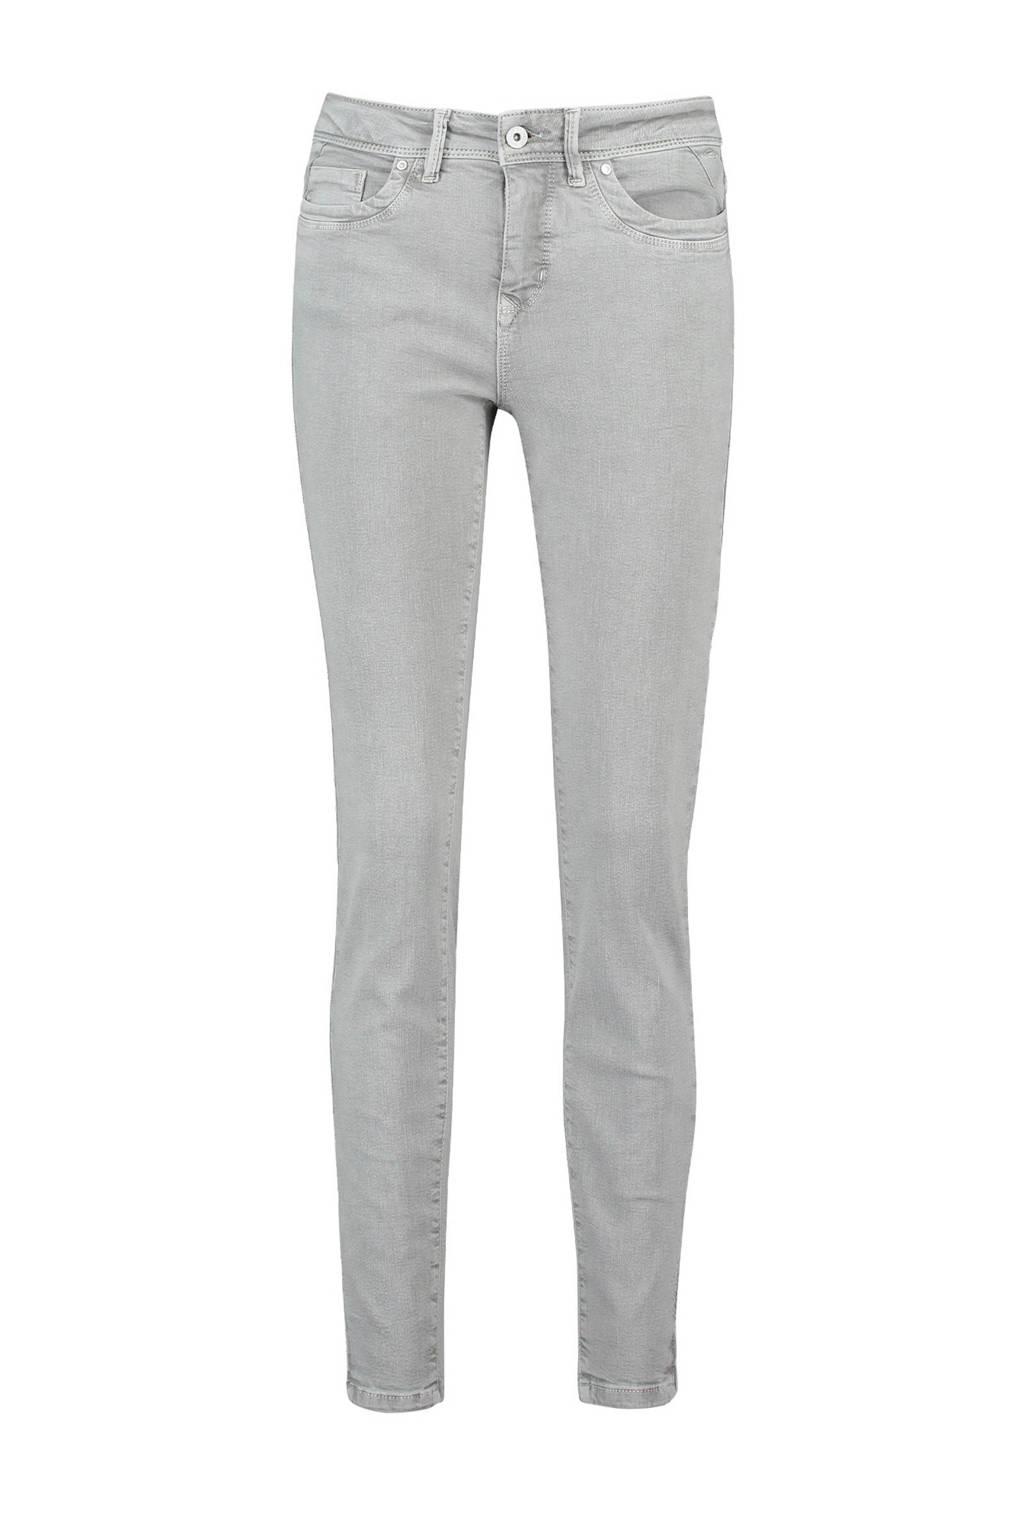 Expresso skinny jeans Dairen lichtgrijs, Lichtgrijs